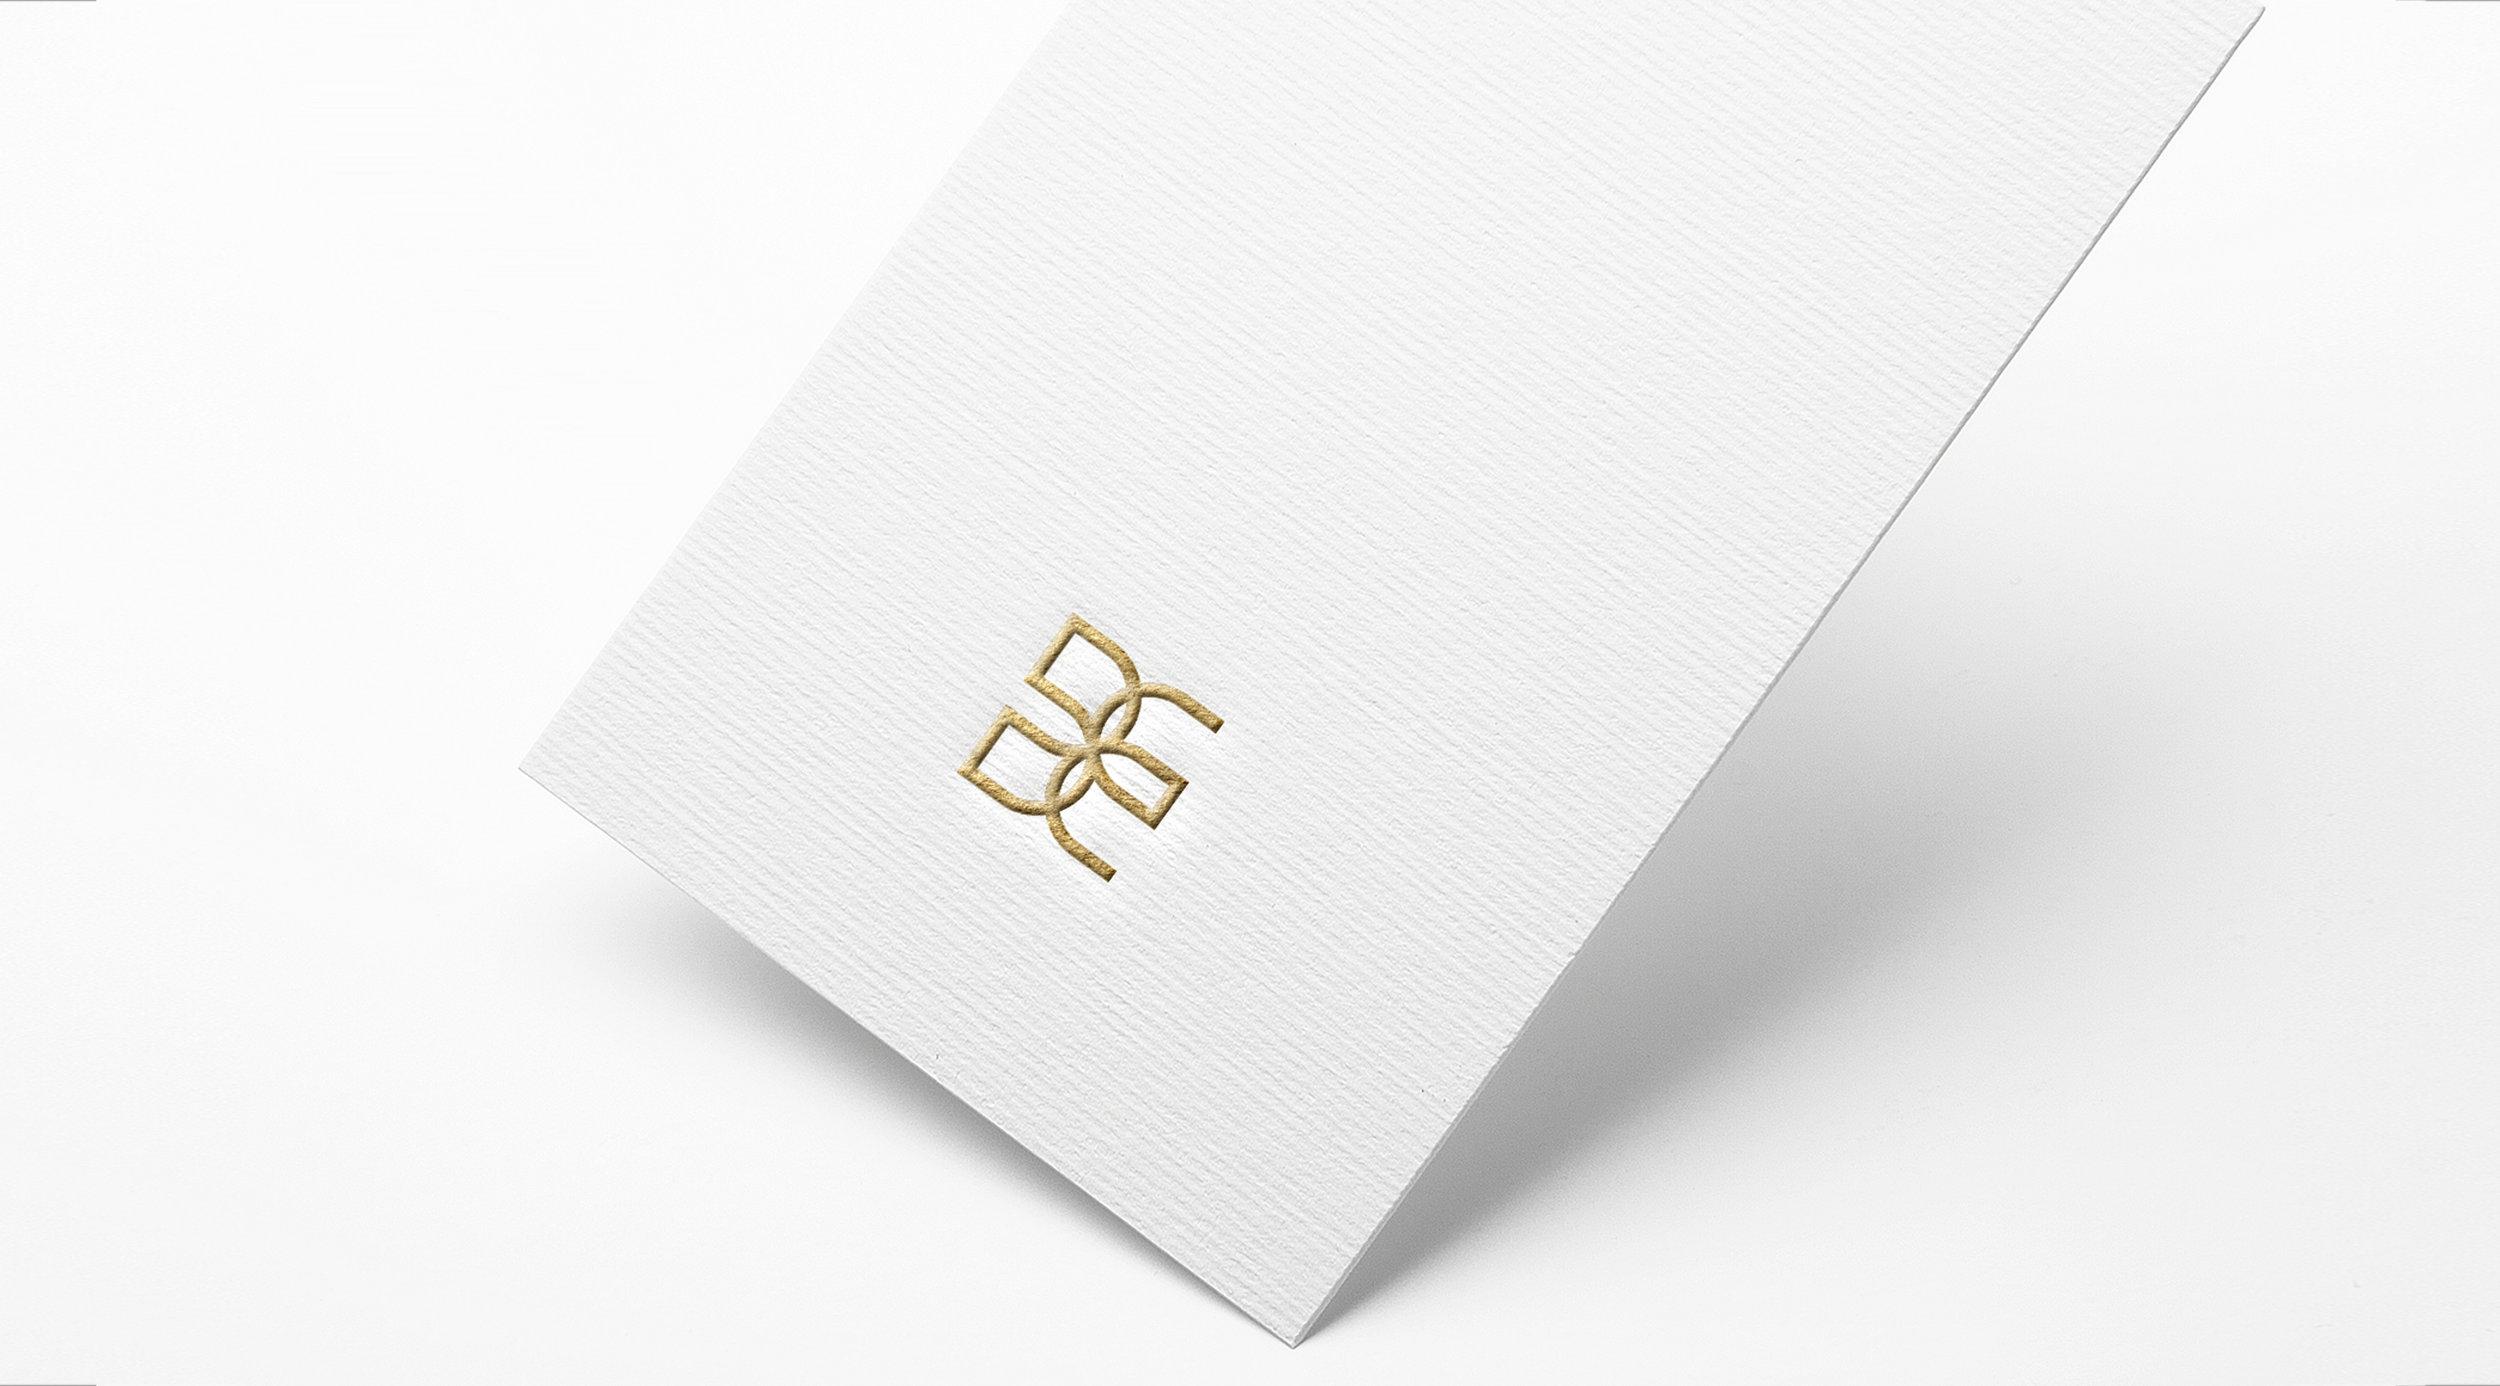 12_1_16_BE_Card.jpg